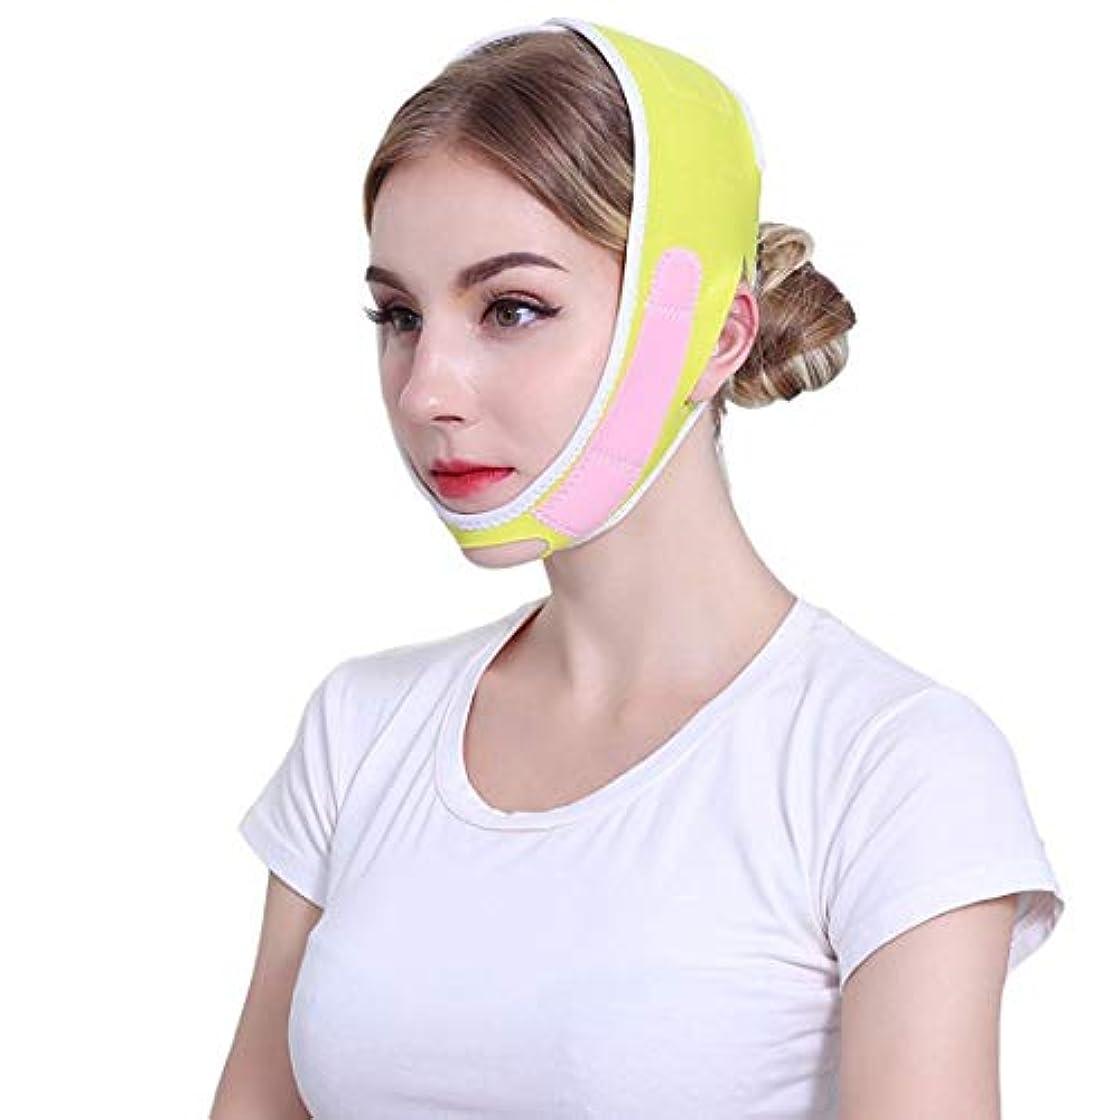 予感バイナリ宣言するZWBD フェイスマスク, フェイスリフティング包帯v薄い顔の形の男性と女性vフェイスリフティング引き締めリフティングフェイス包帯黄色